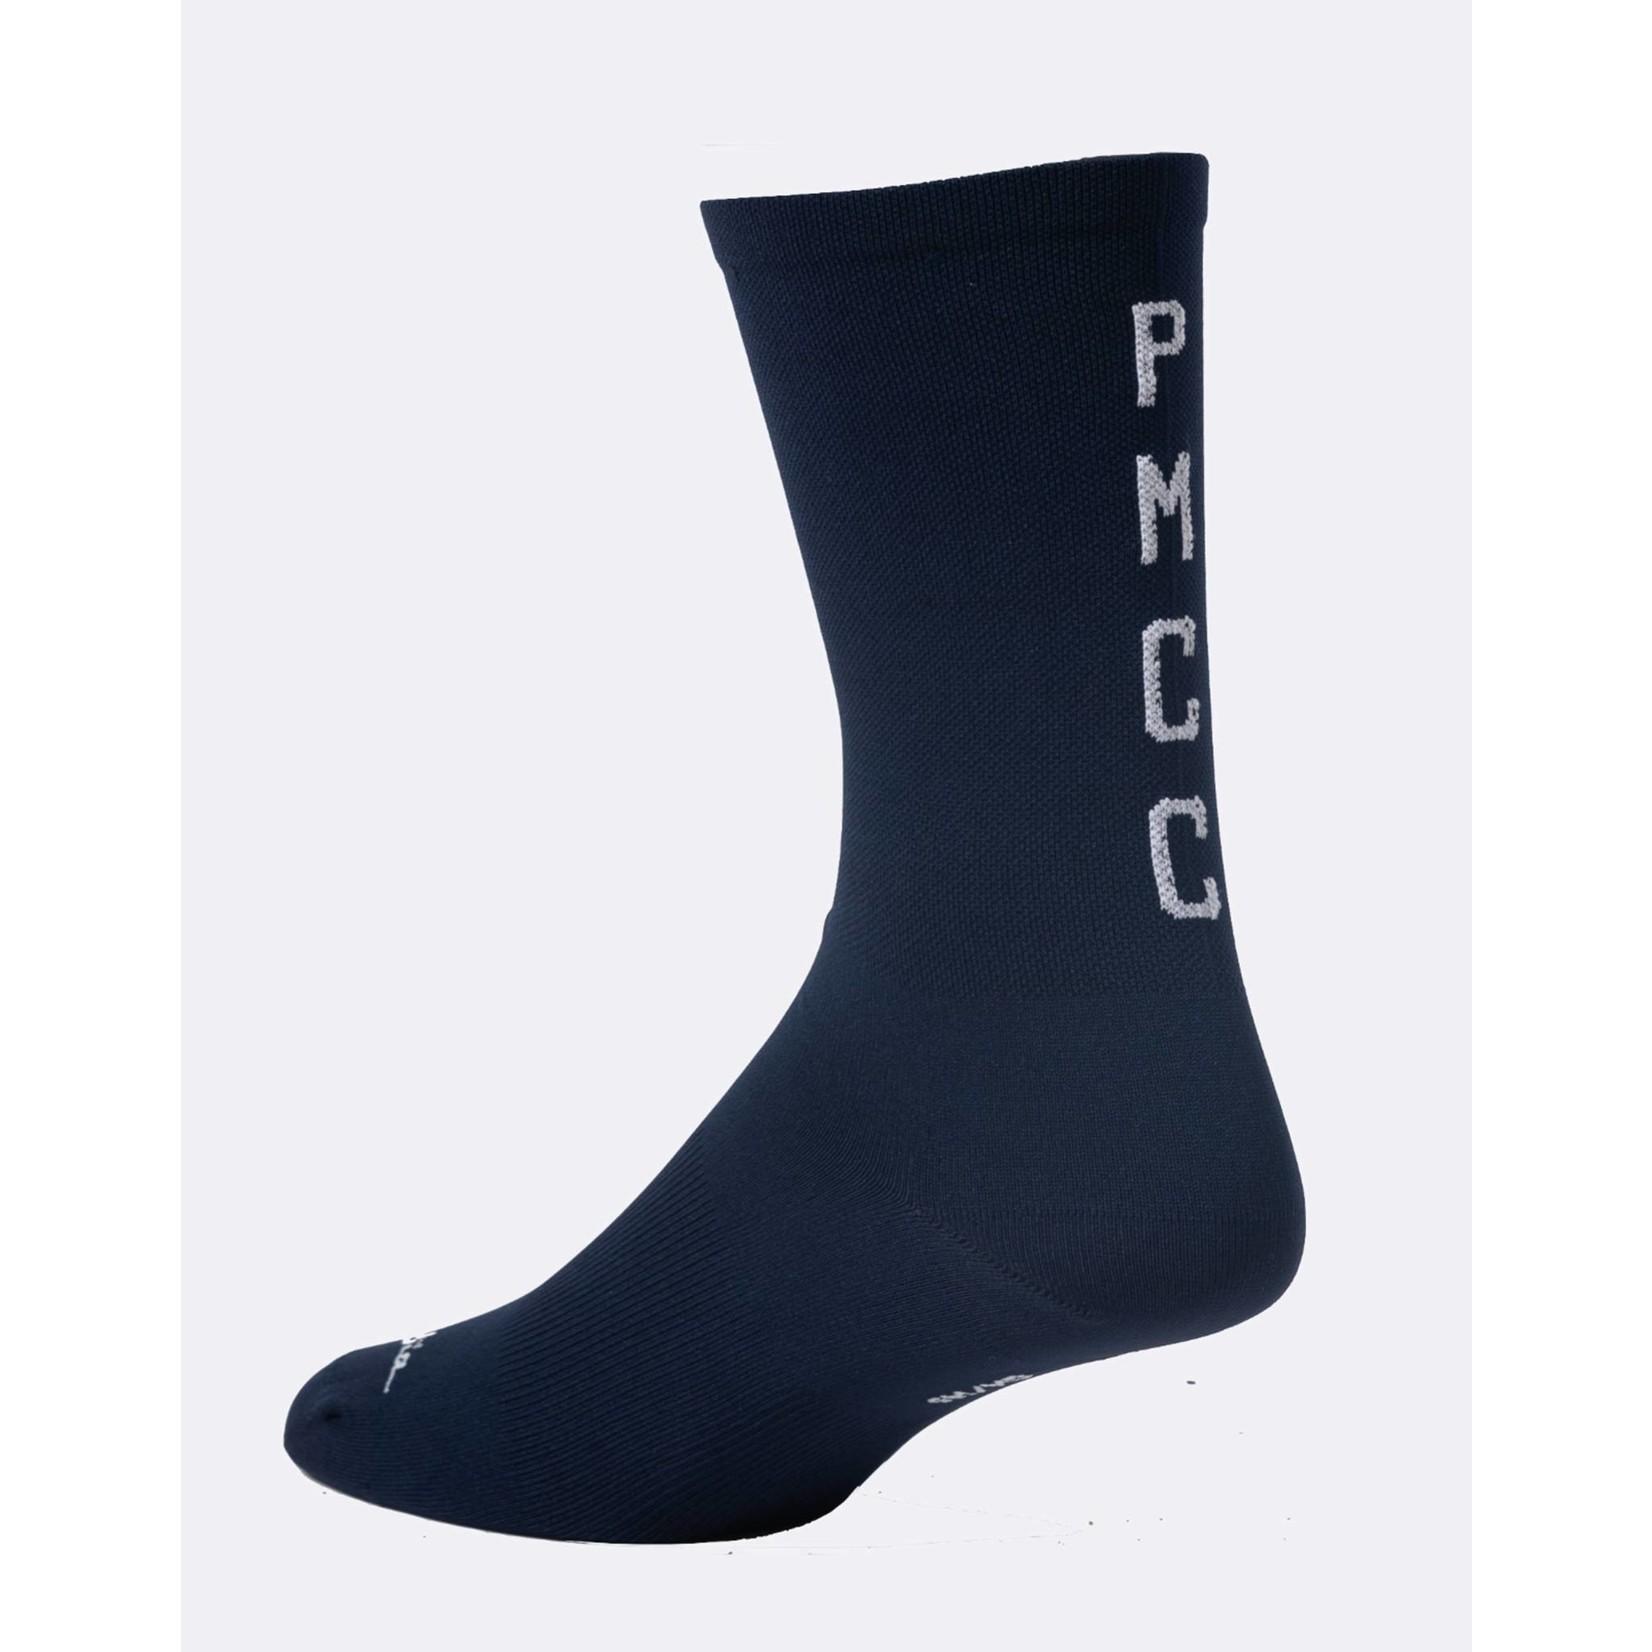 Pedal Mafia PMCC Pro Sock Navy